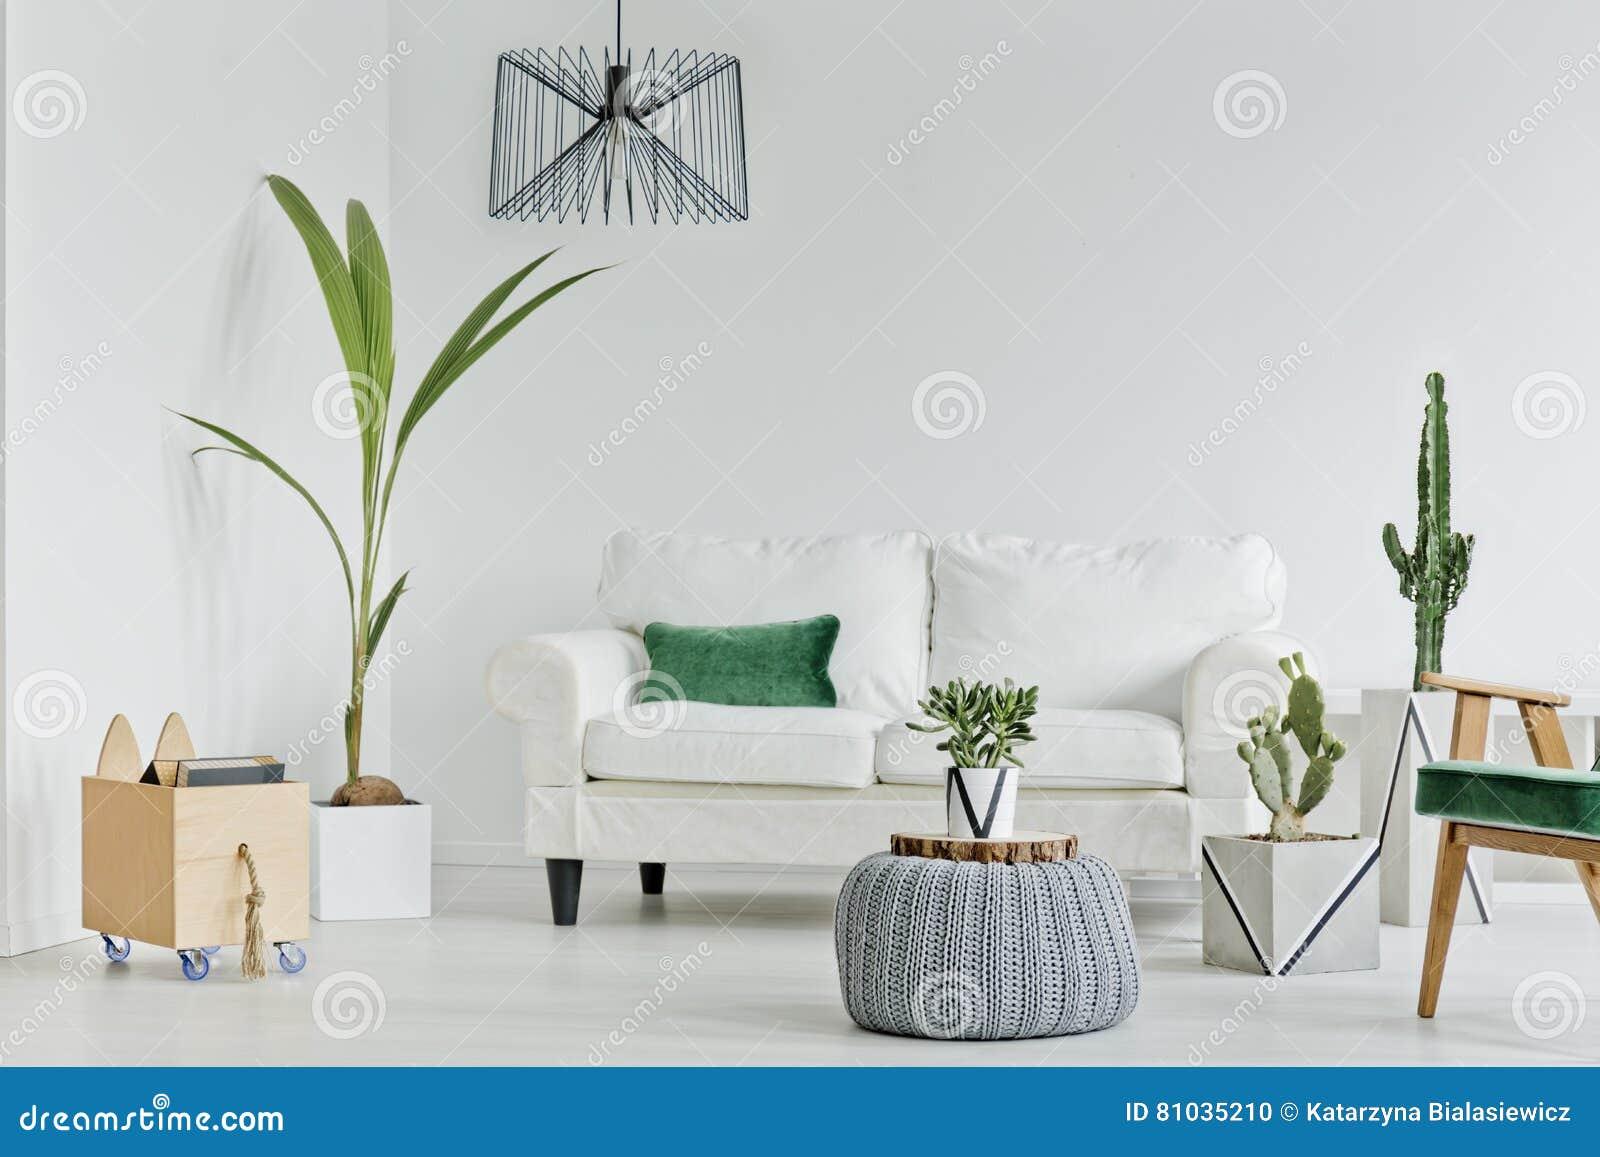 Wohnzimmer Mit Dekorativen Houseplants Stockfoto - Bild von haupt ...